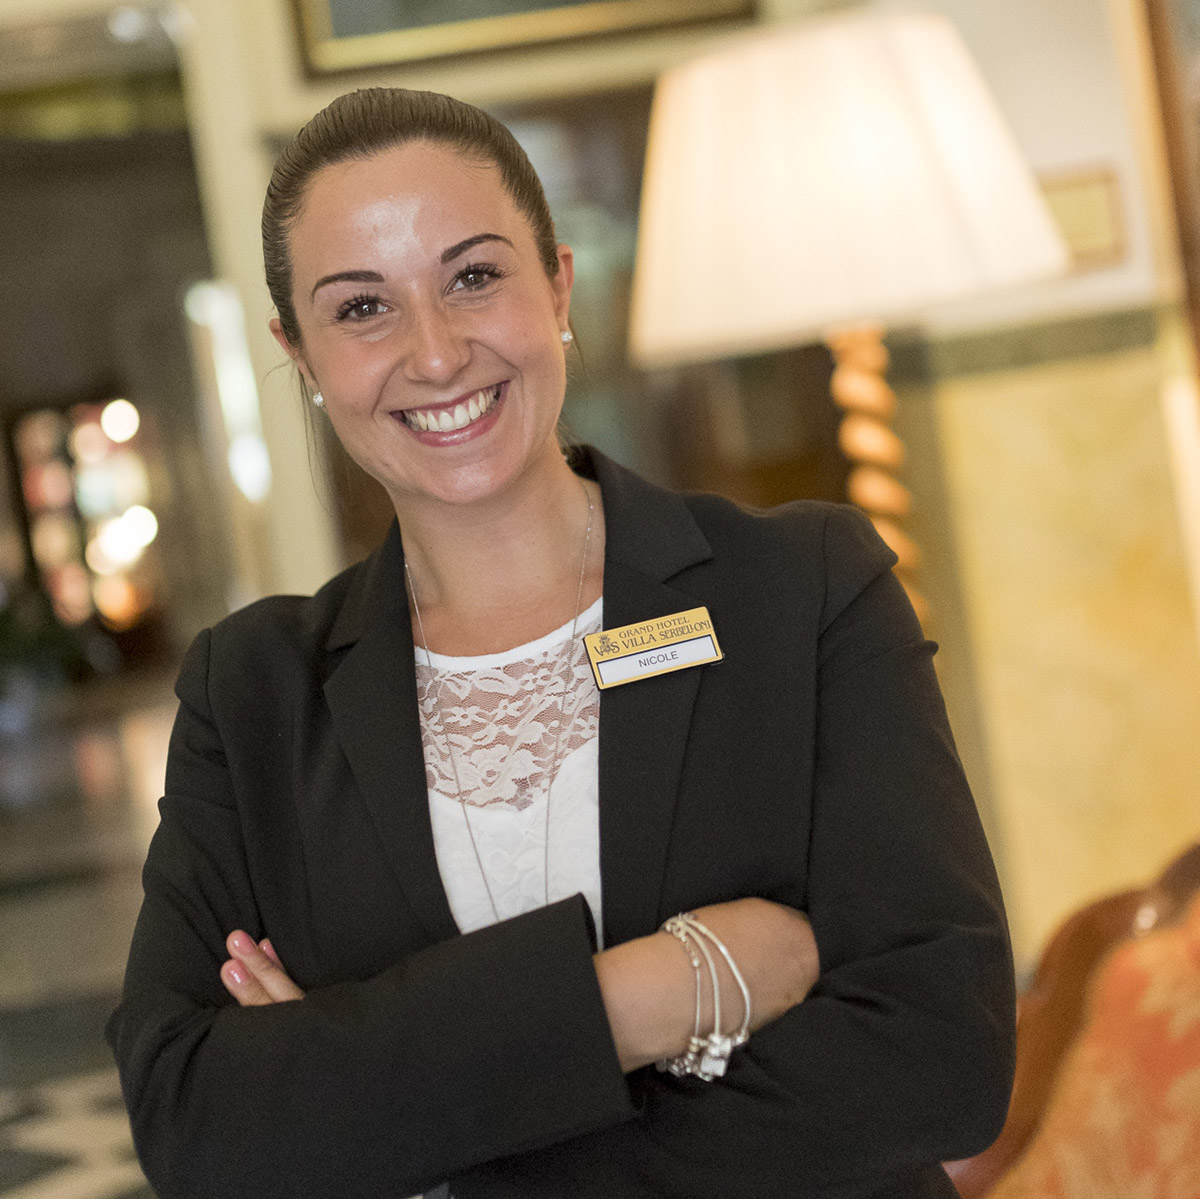 Nicole Canclini